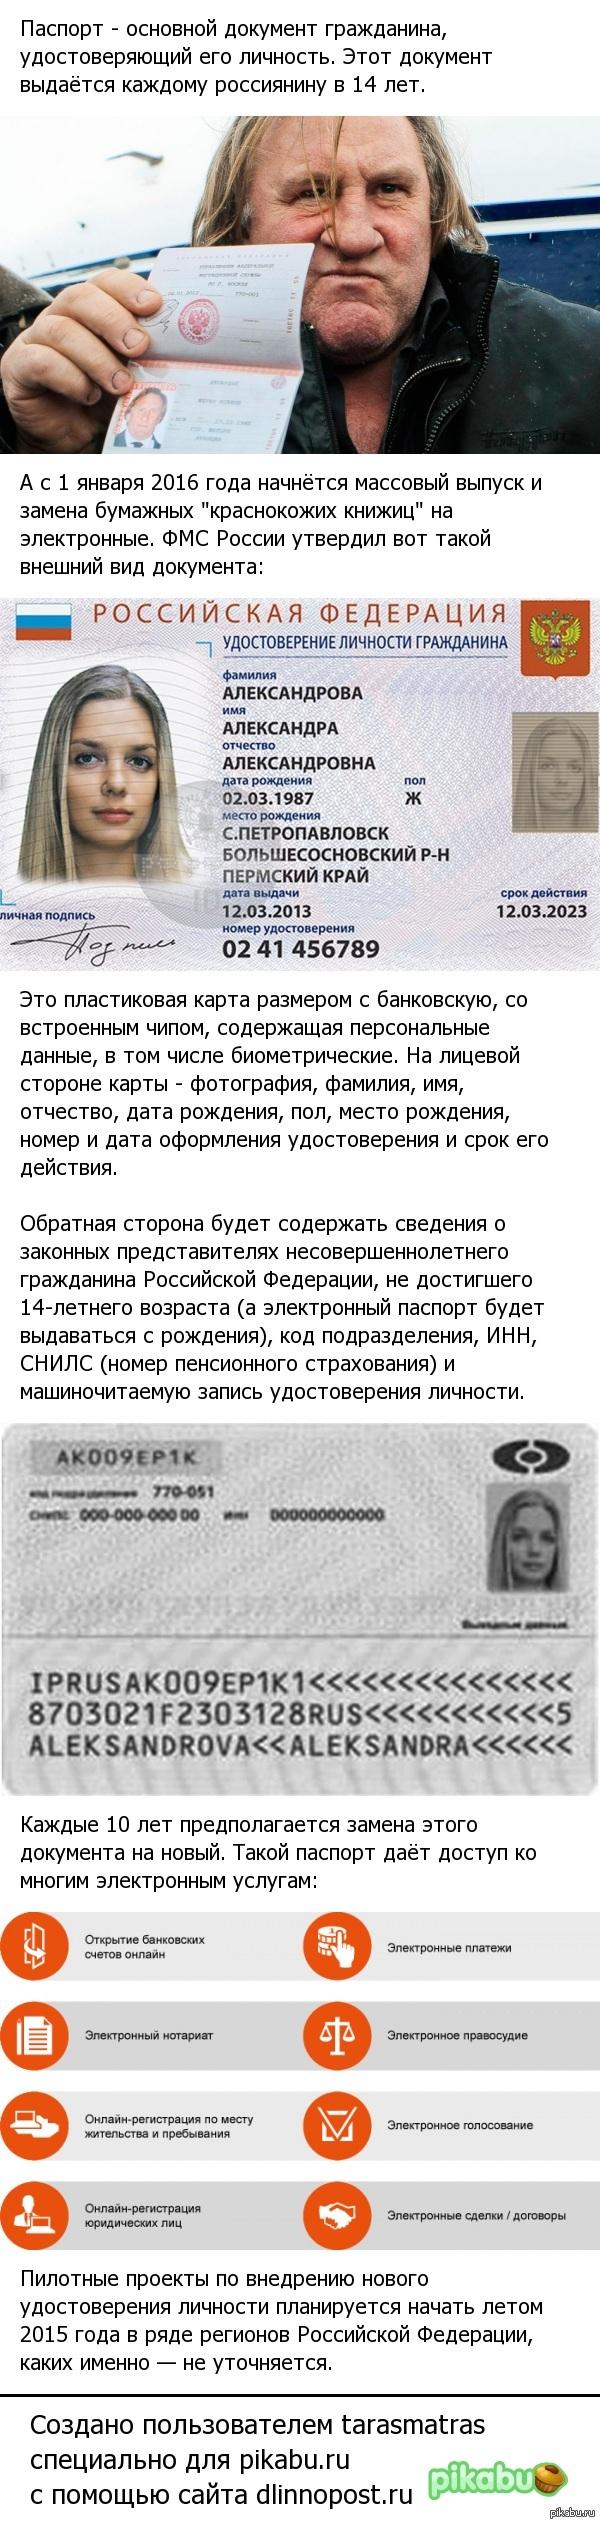 Новый паспорт гражданина России.